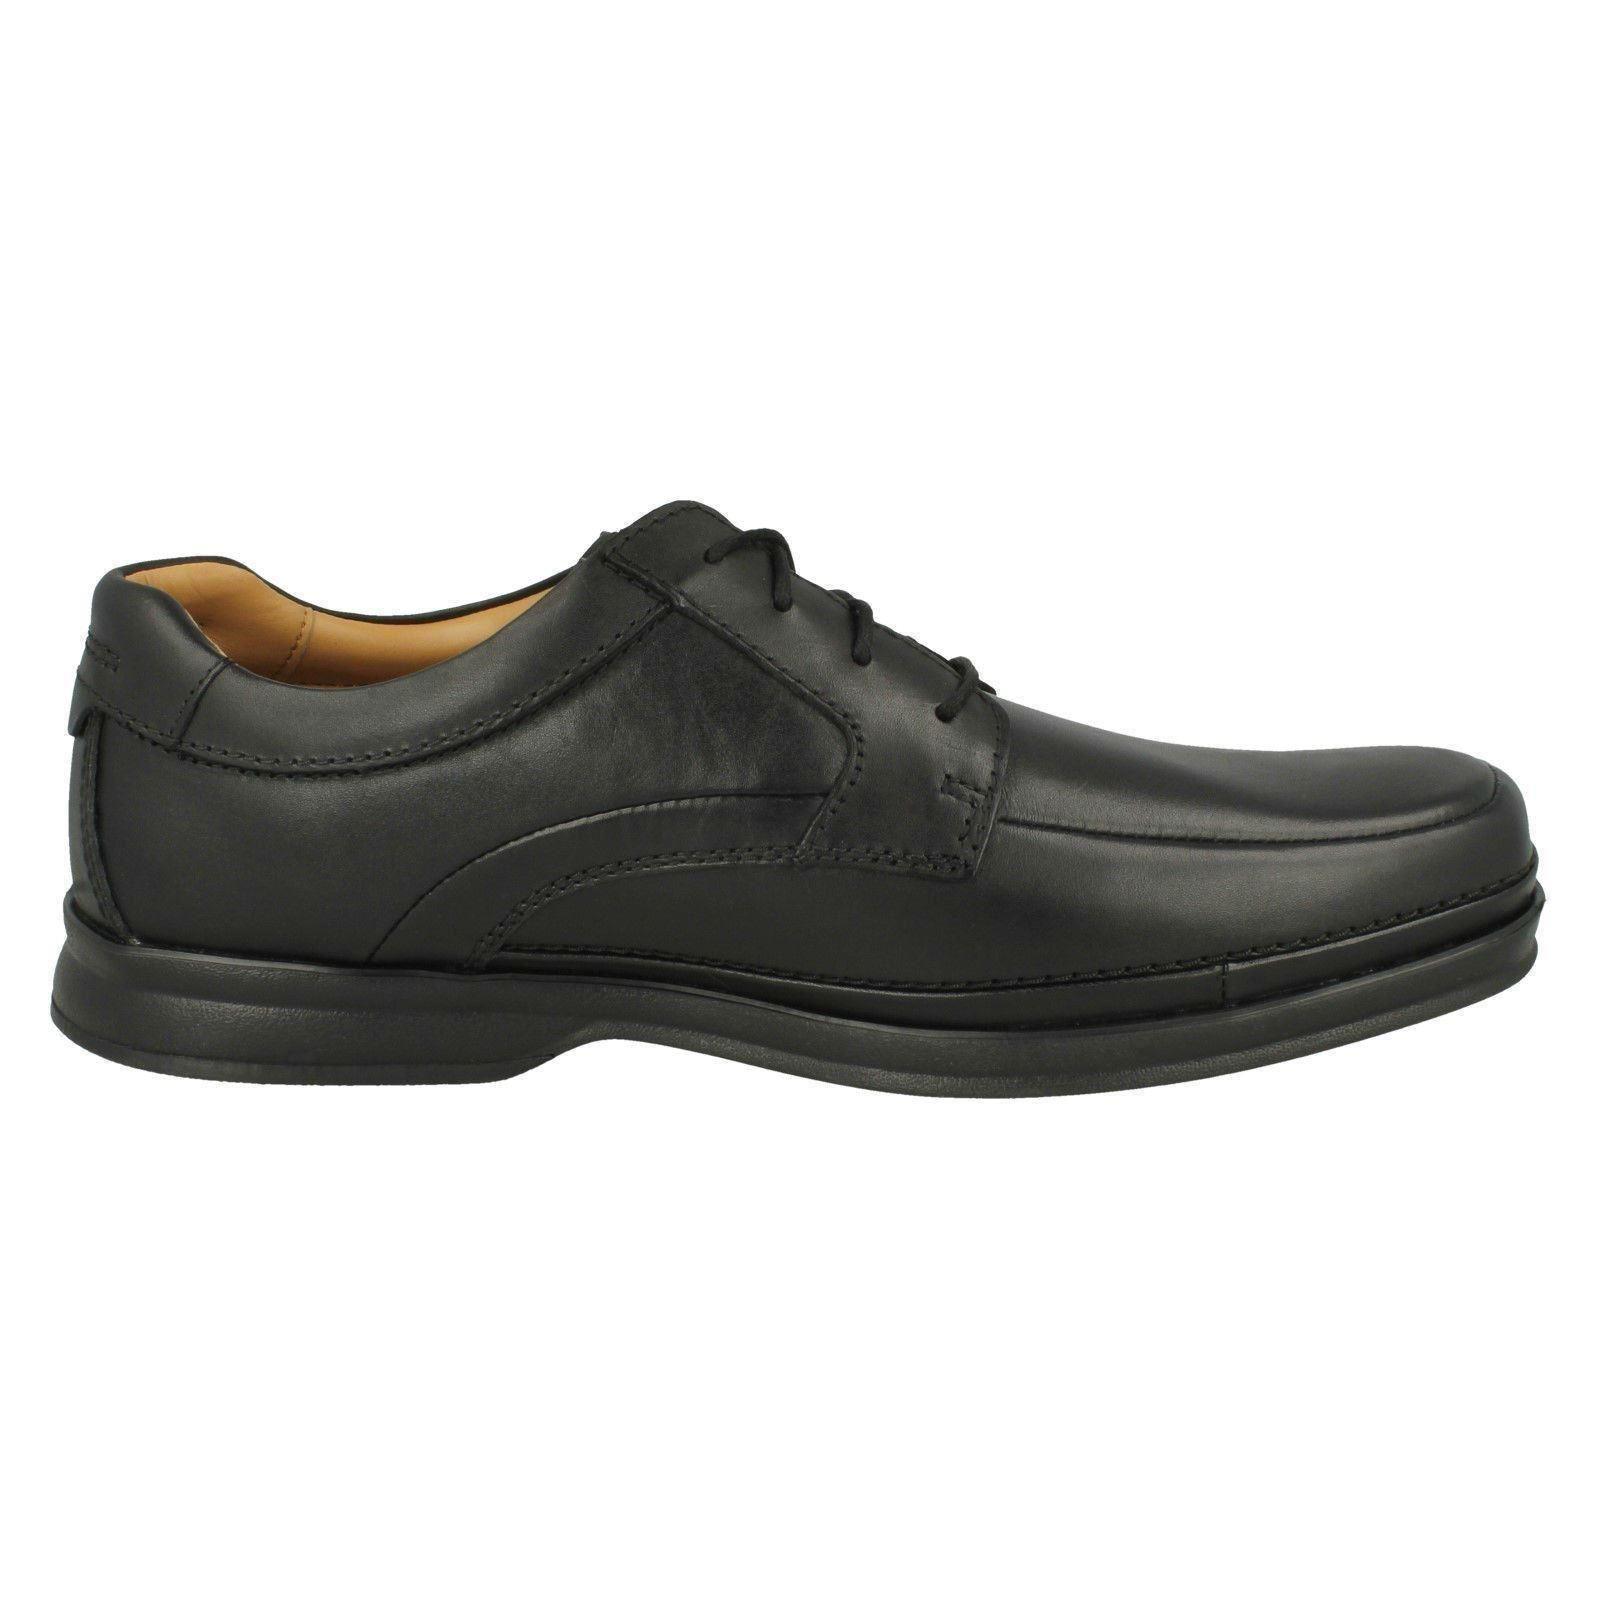 Formal Clarks Con Lado Cordones Zapatos Estilo Scopic Hombre fFqWFUwR6